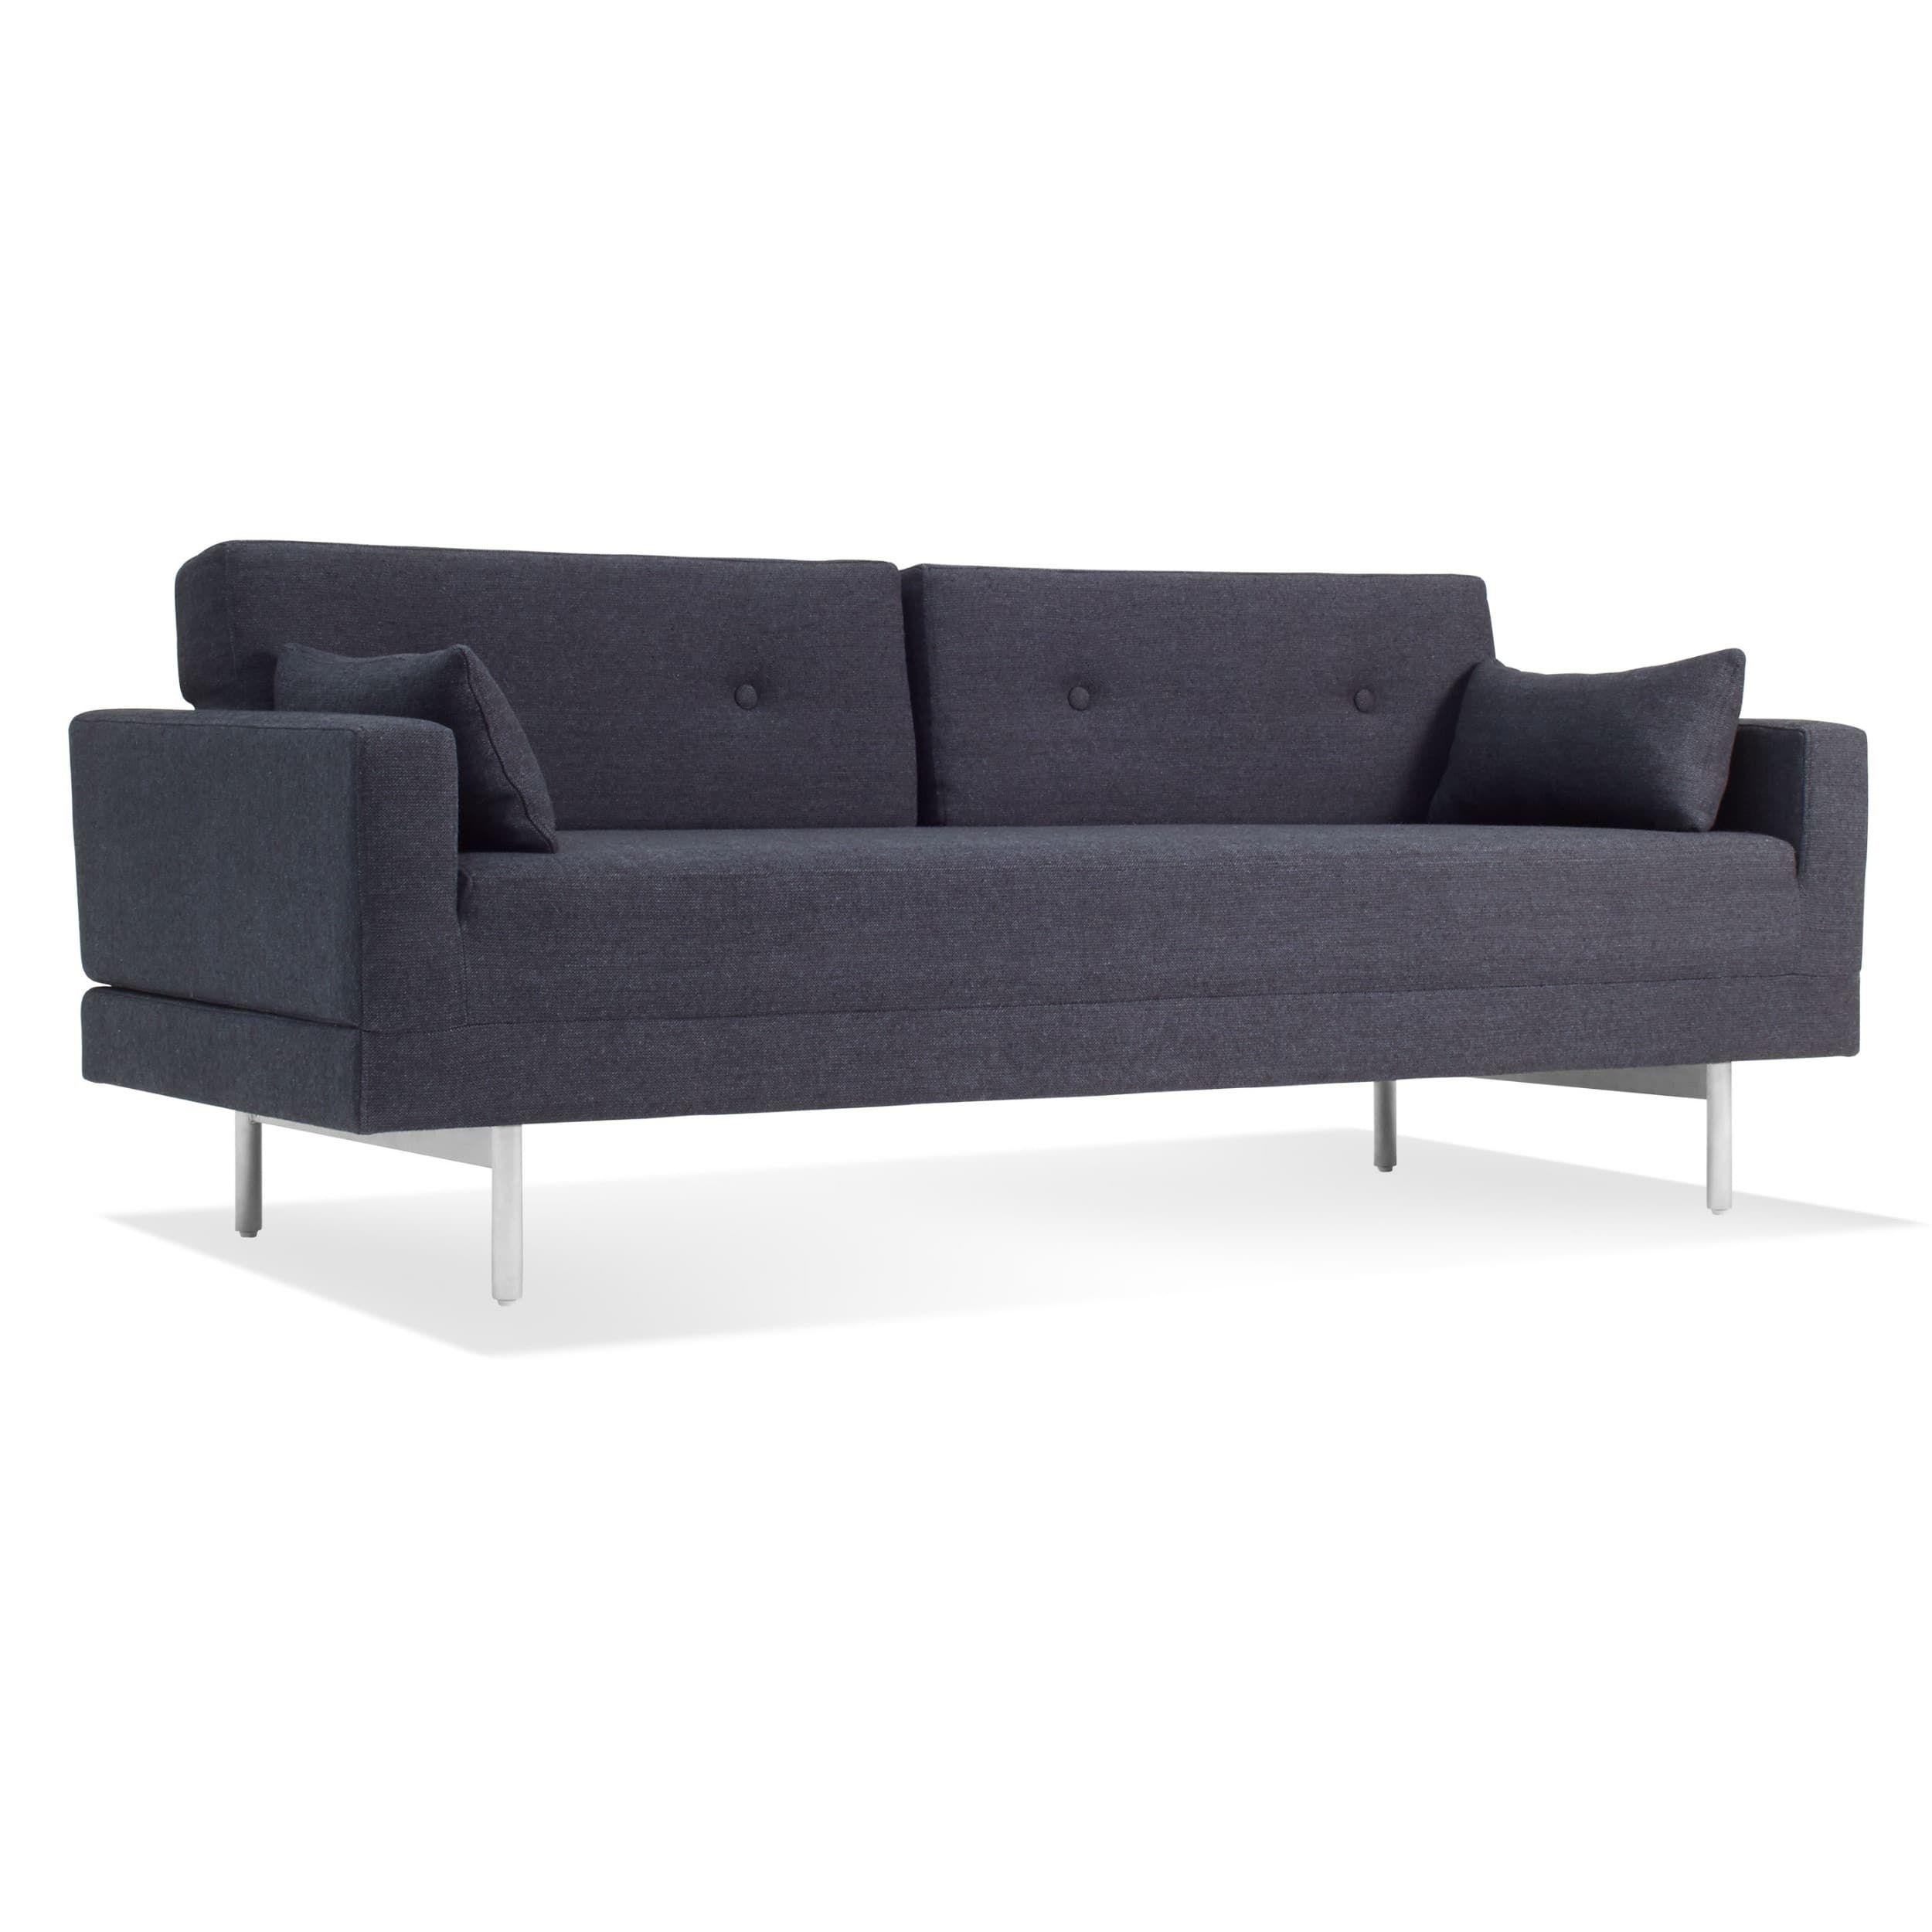 One Night Stand 80 Sleeper Sofa Modern Sleeper Sofa Sofa